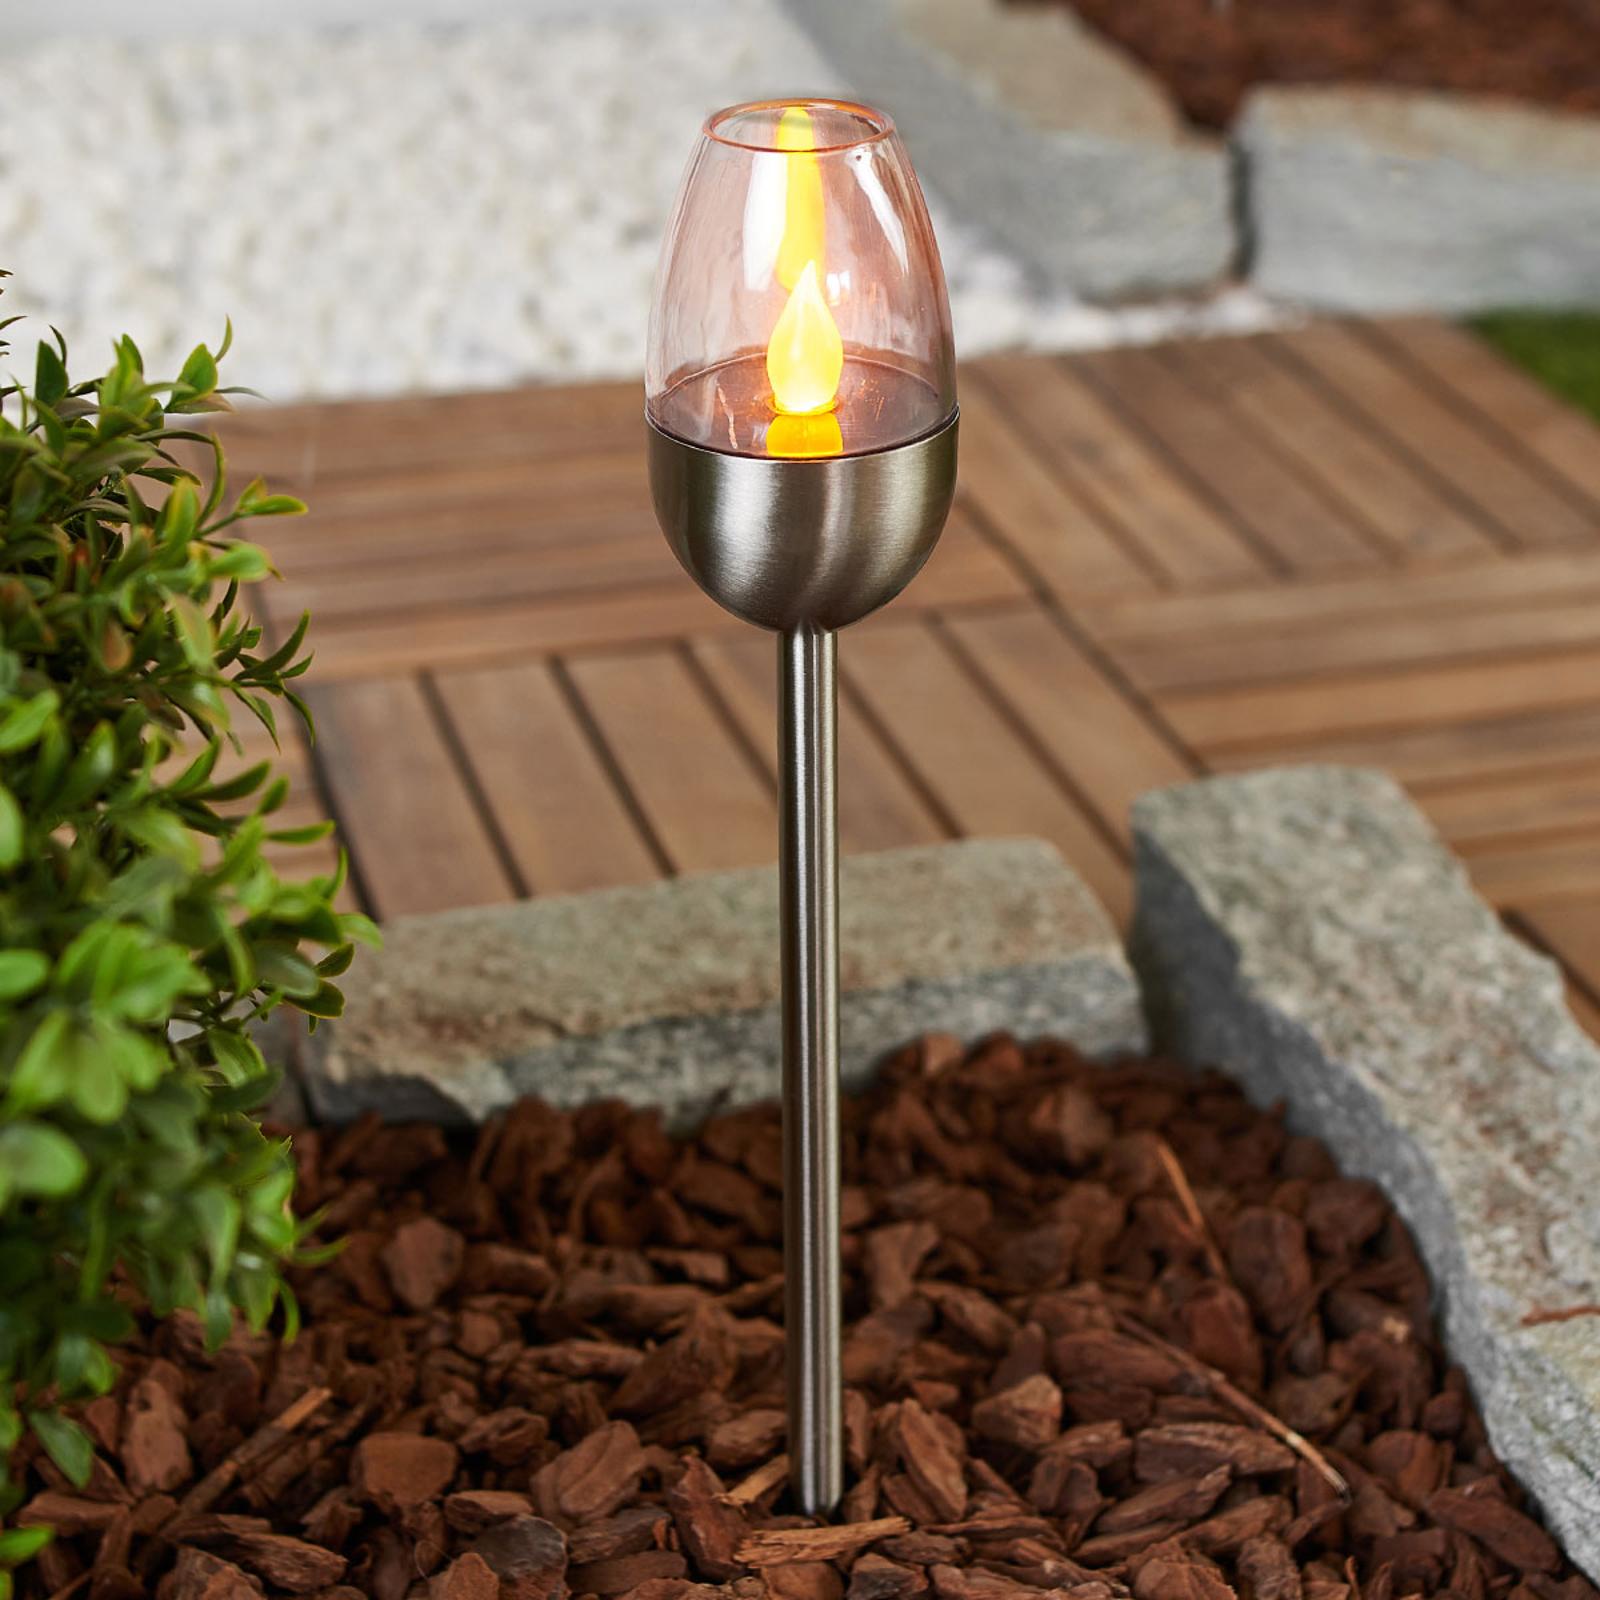 Lampa solarna LED Lugin, stal szlachetna, 3 szt.